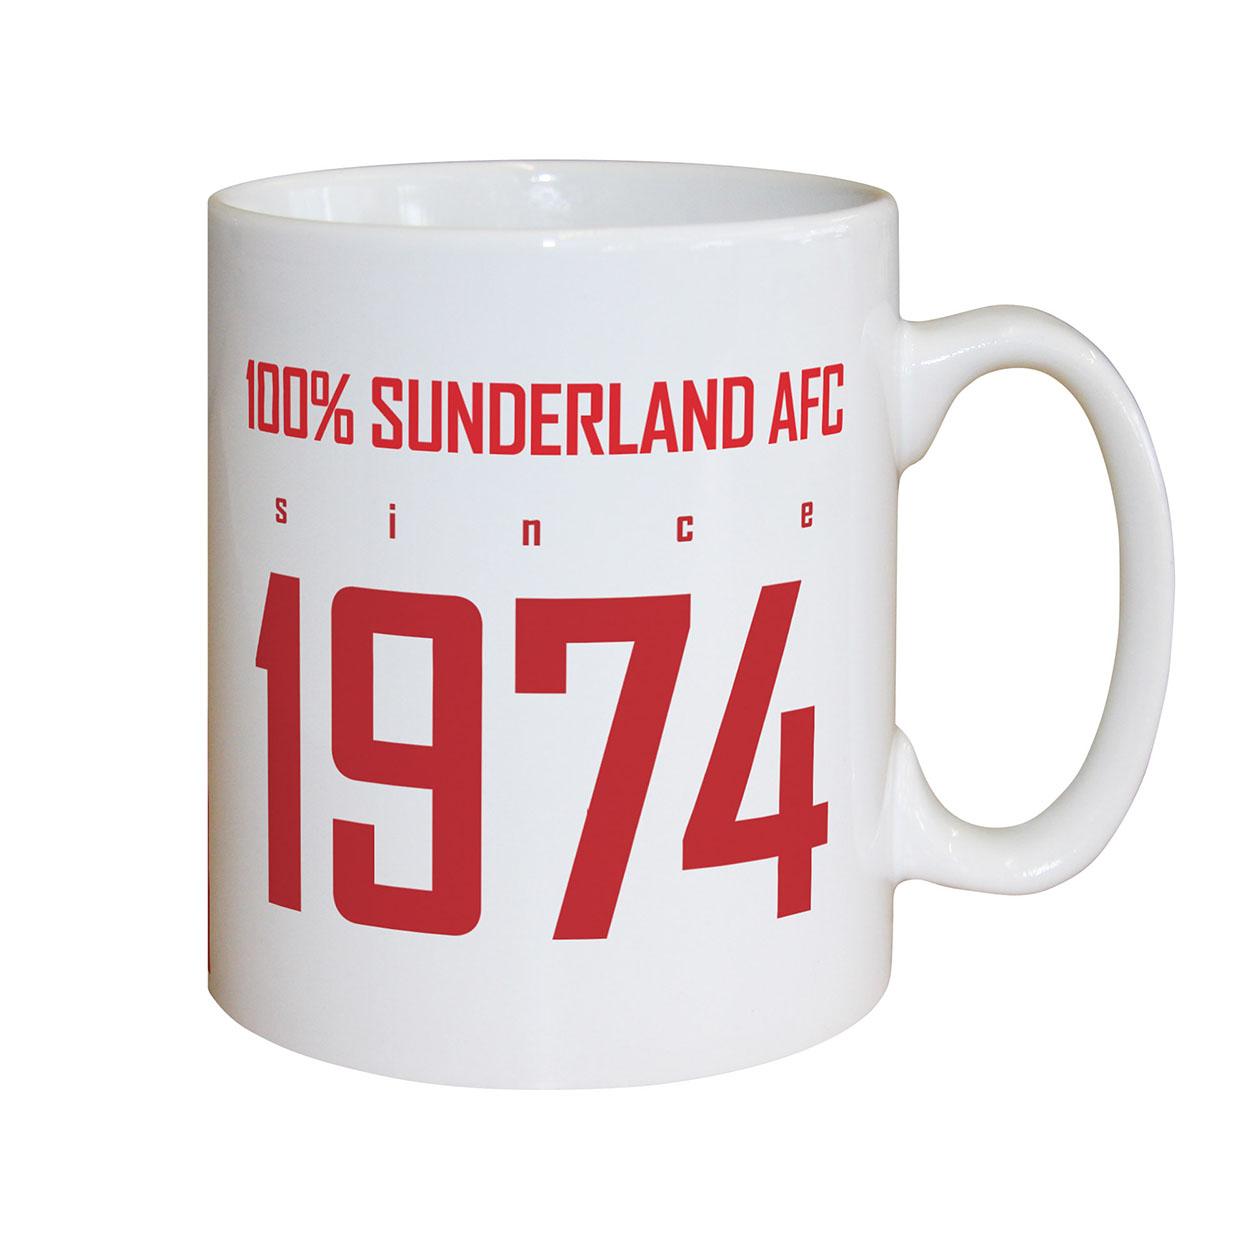 Sunderland AFC 100 Percent Mug